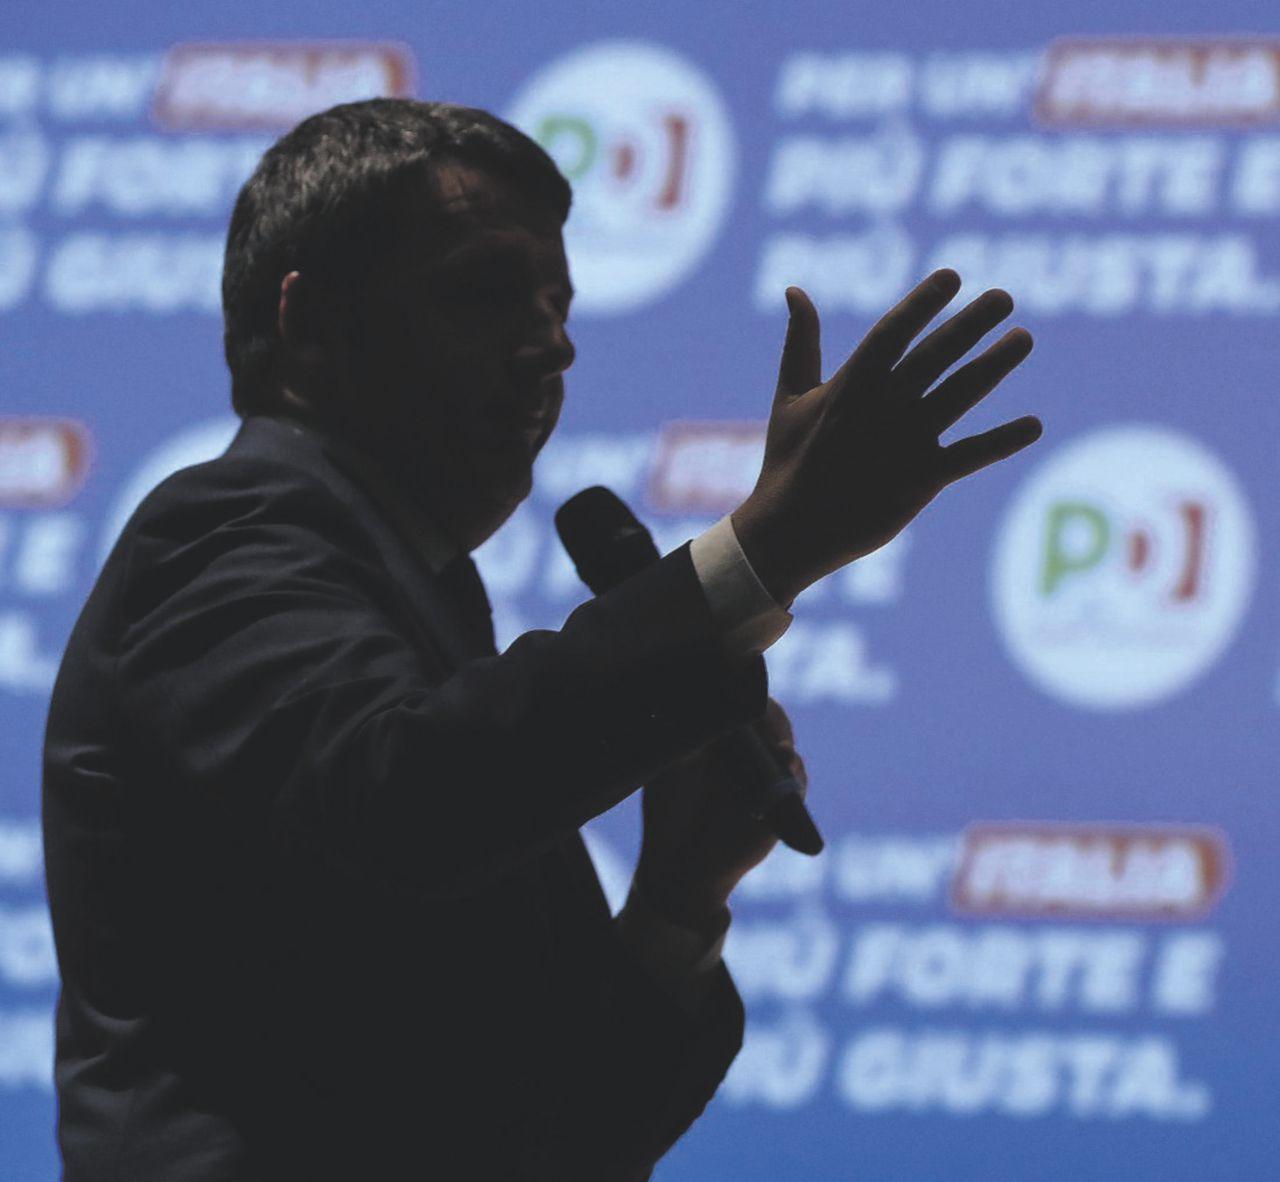 In Edicola sul Fatto Quotidiano del 13 marzo: La direzione Renzi non si fa vedere, ma detta ancora la linea anti-Di Maio